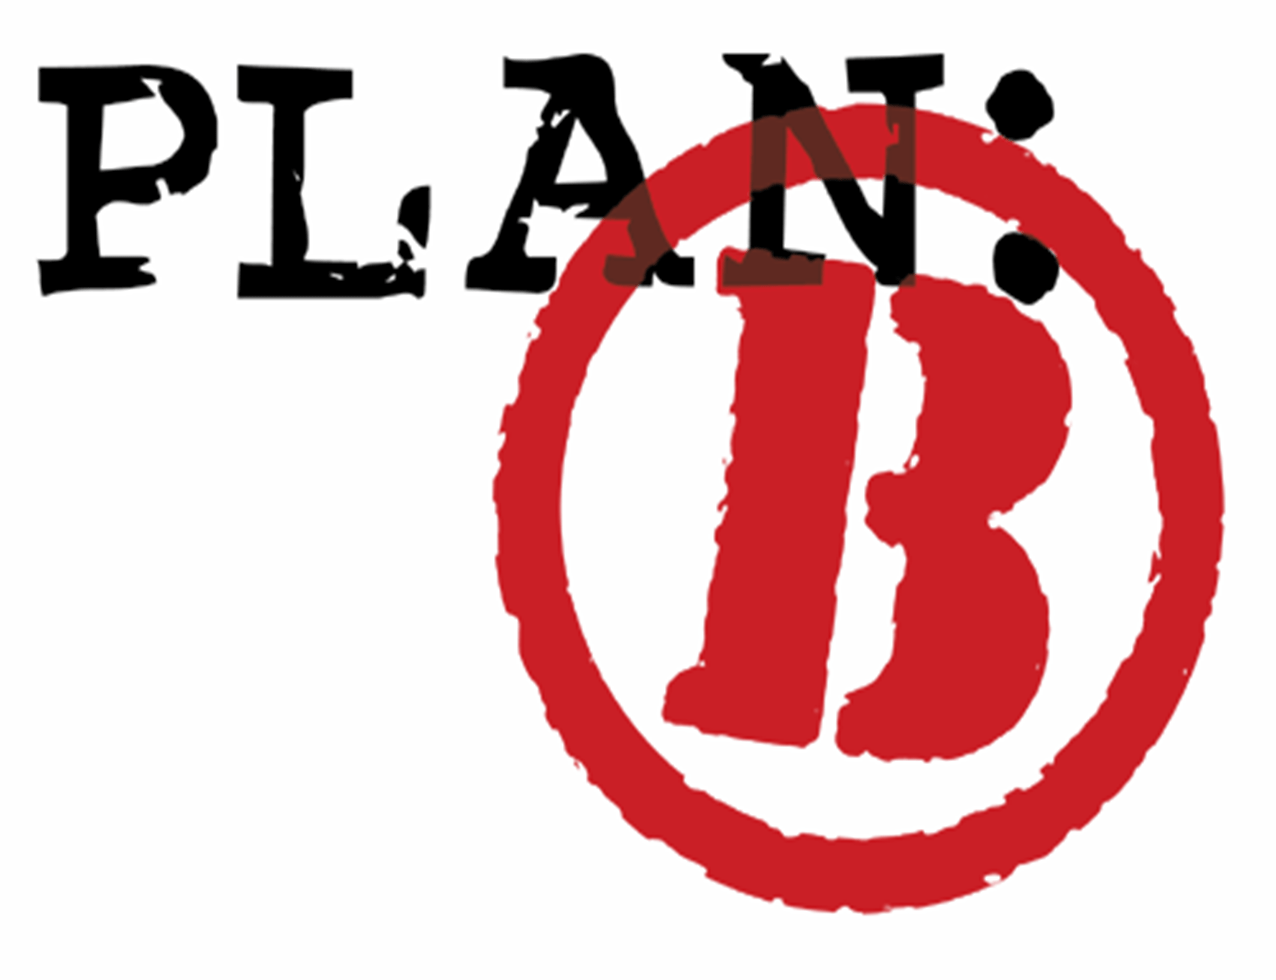 Si tu plan no funciona cambia de plan. #ideas2helpu